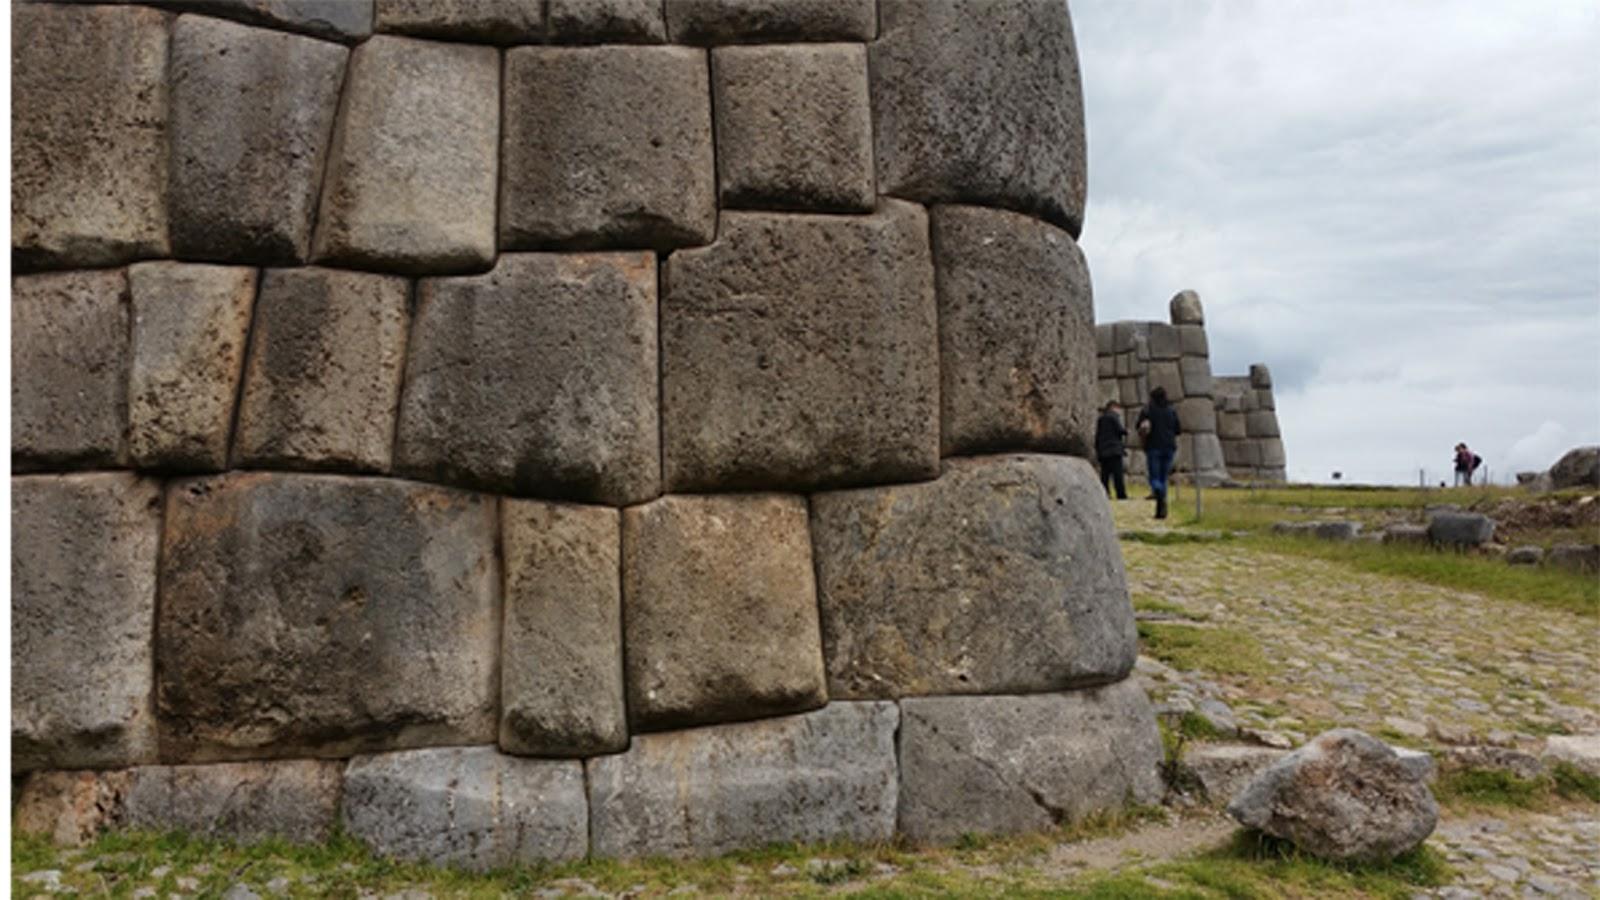 Inca Building Materials : Inca architecture and urbanism